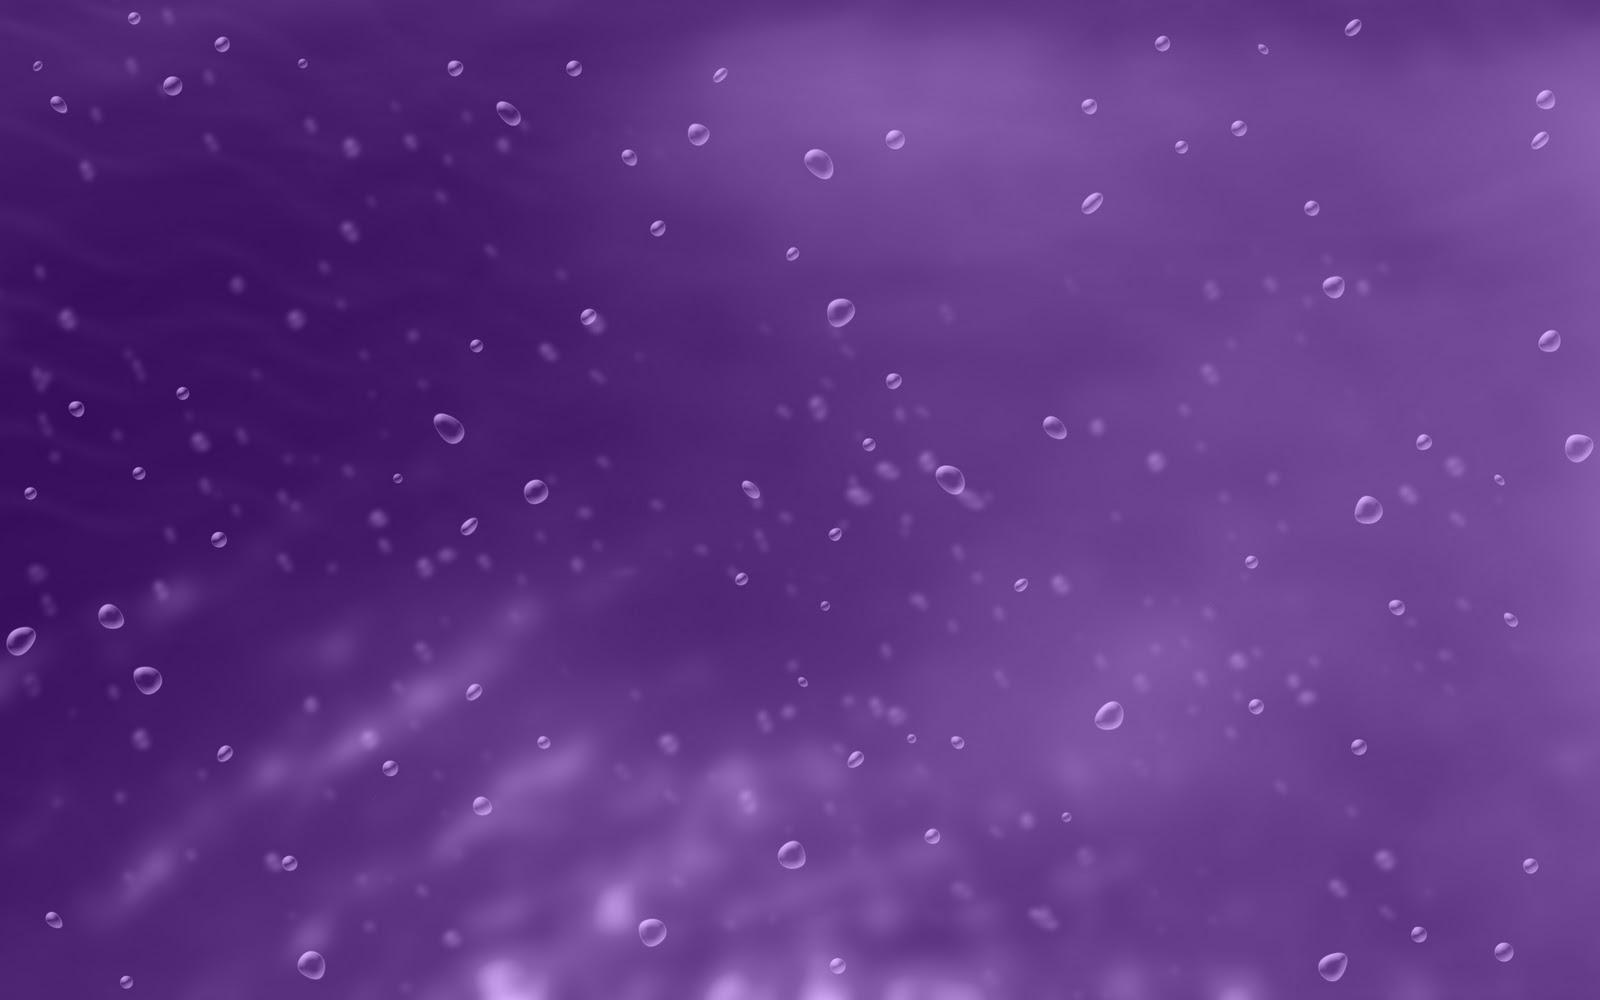 Purple HD Wallpaper Beautiful Purple Backgrounds Purple Wallpapers 1600x1000